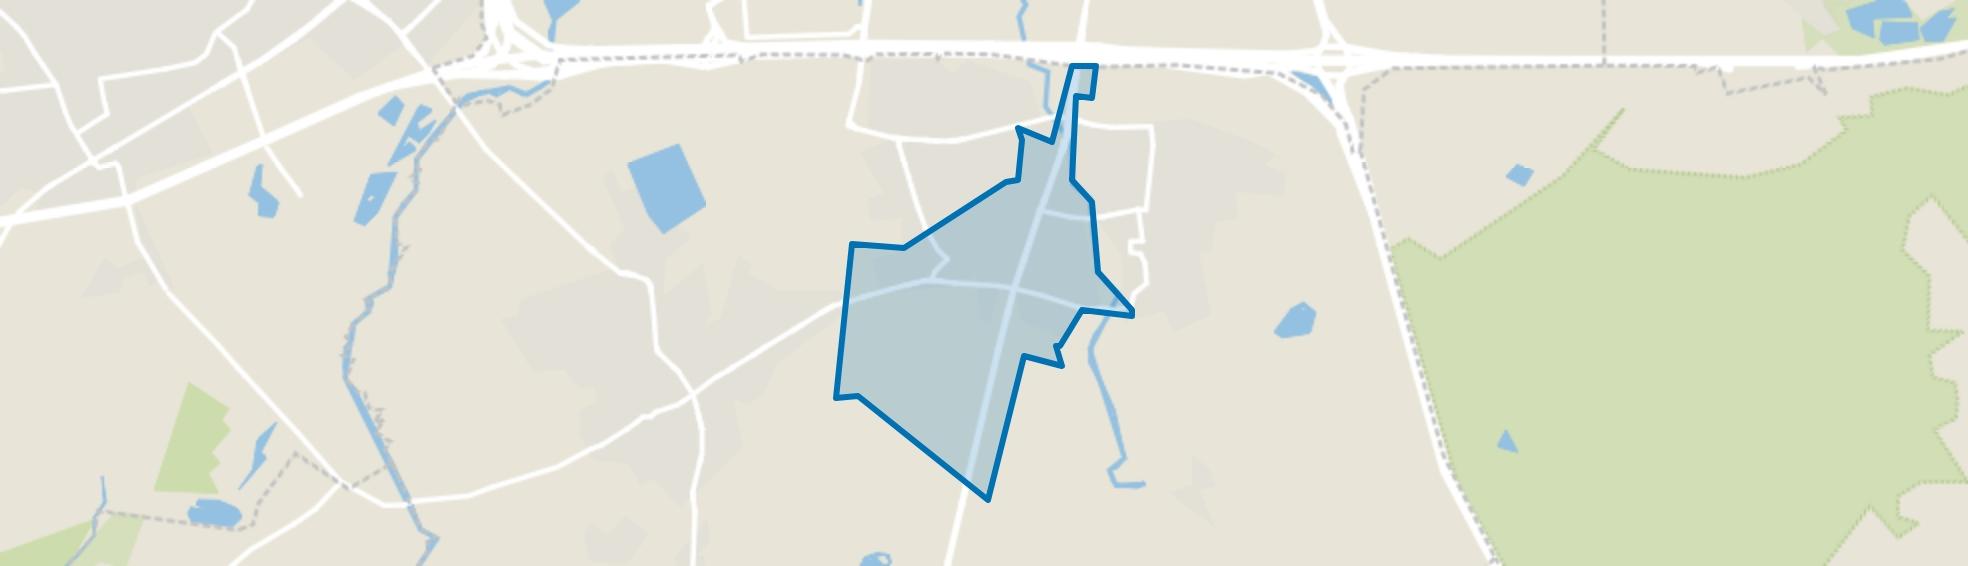 Aalst, Waalre map